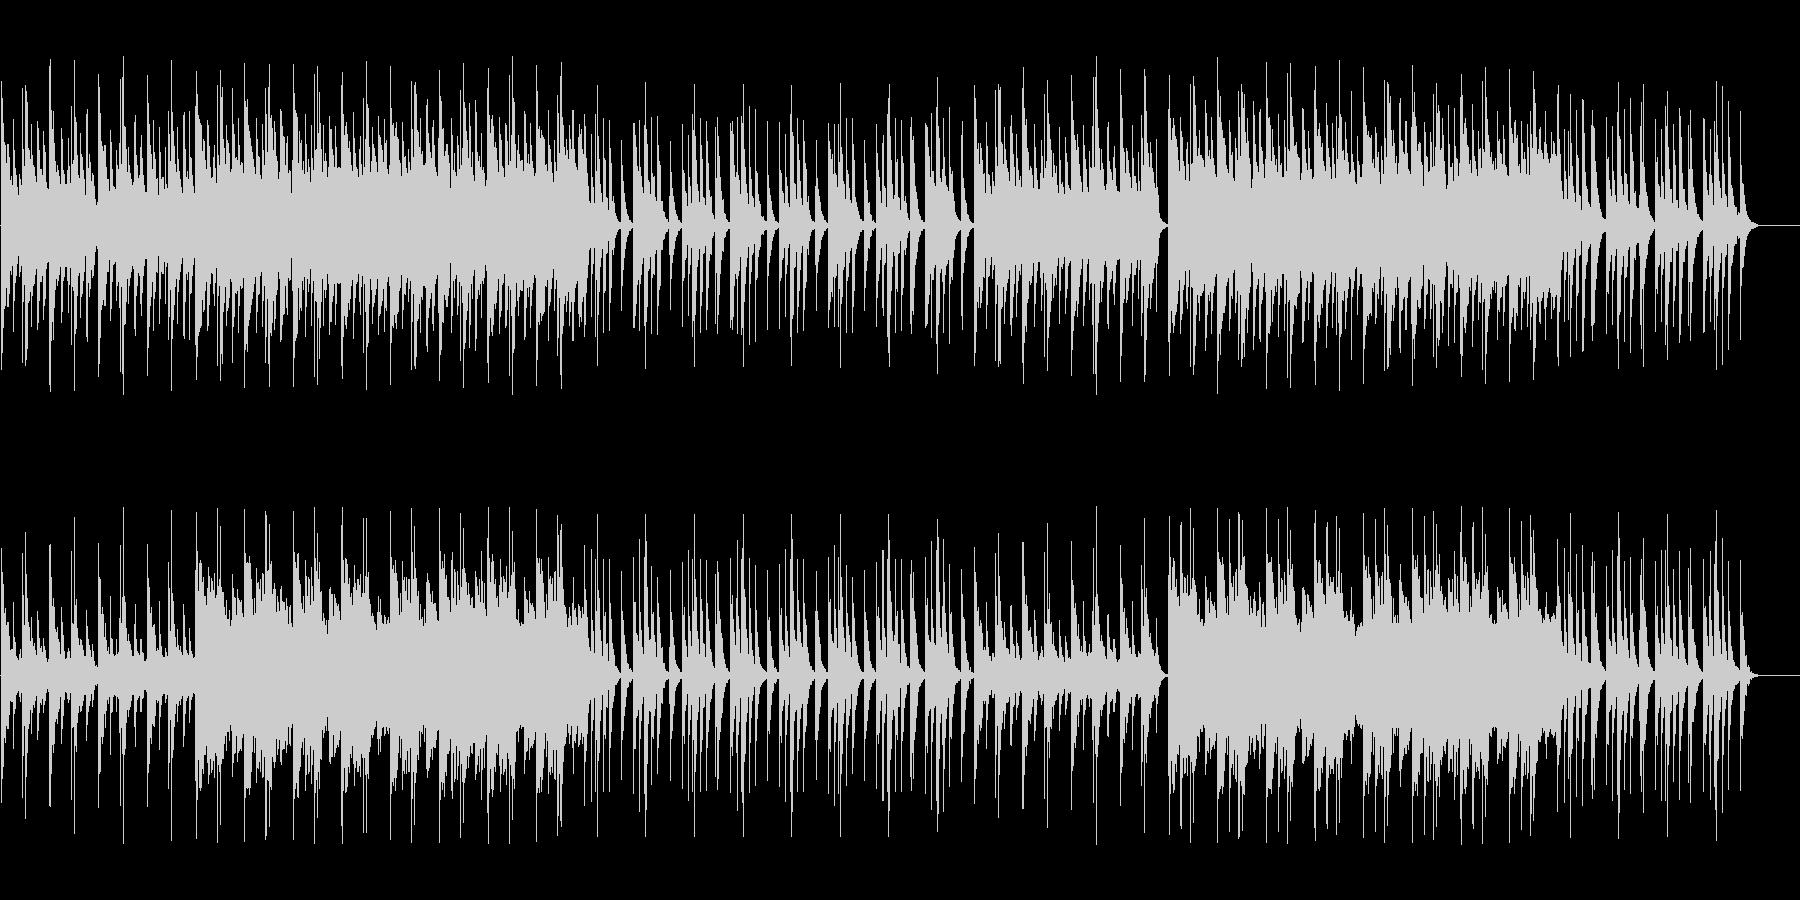 和楽器を使用した少し不気味な和風ホラー曲の未再生の波形